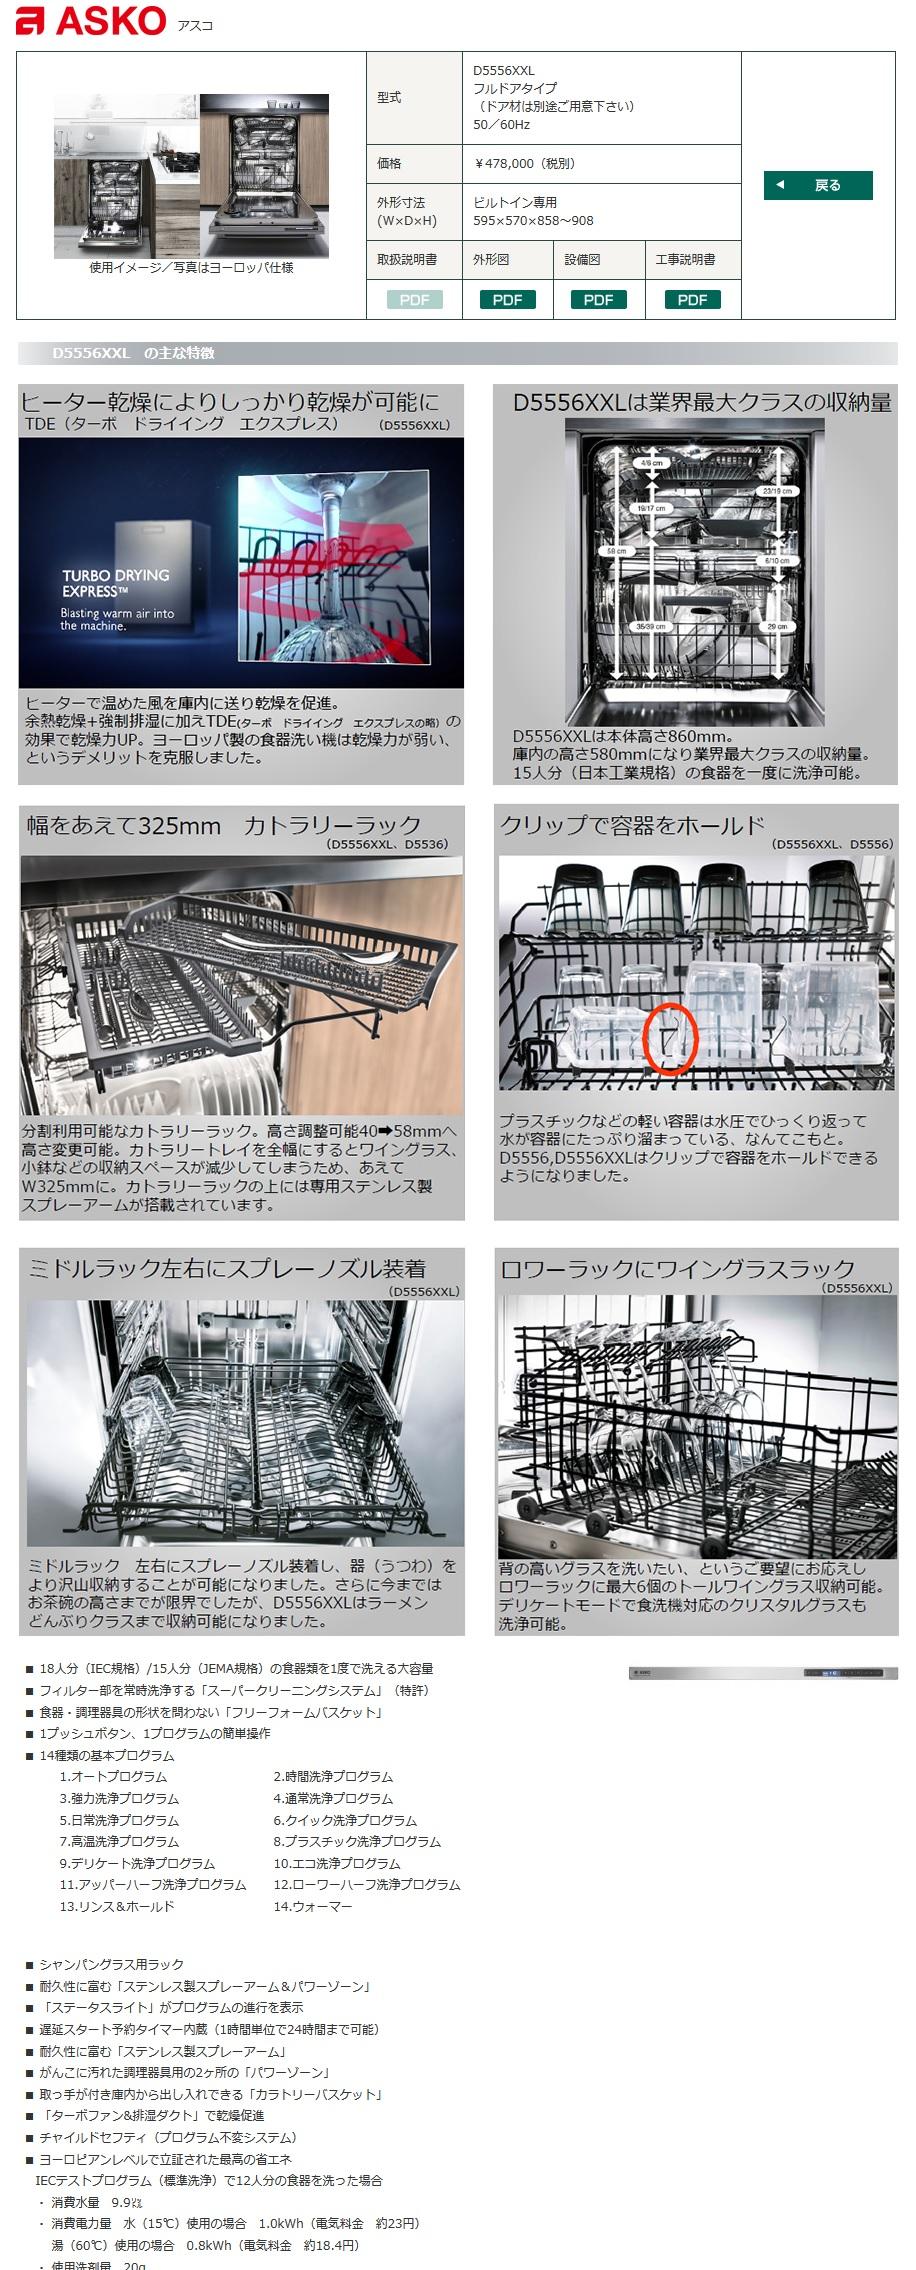 アスコ 食器洗い機 商品説明